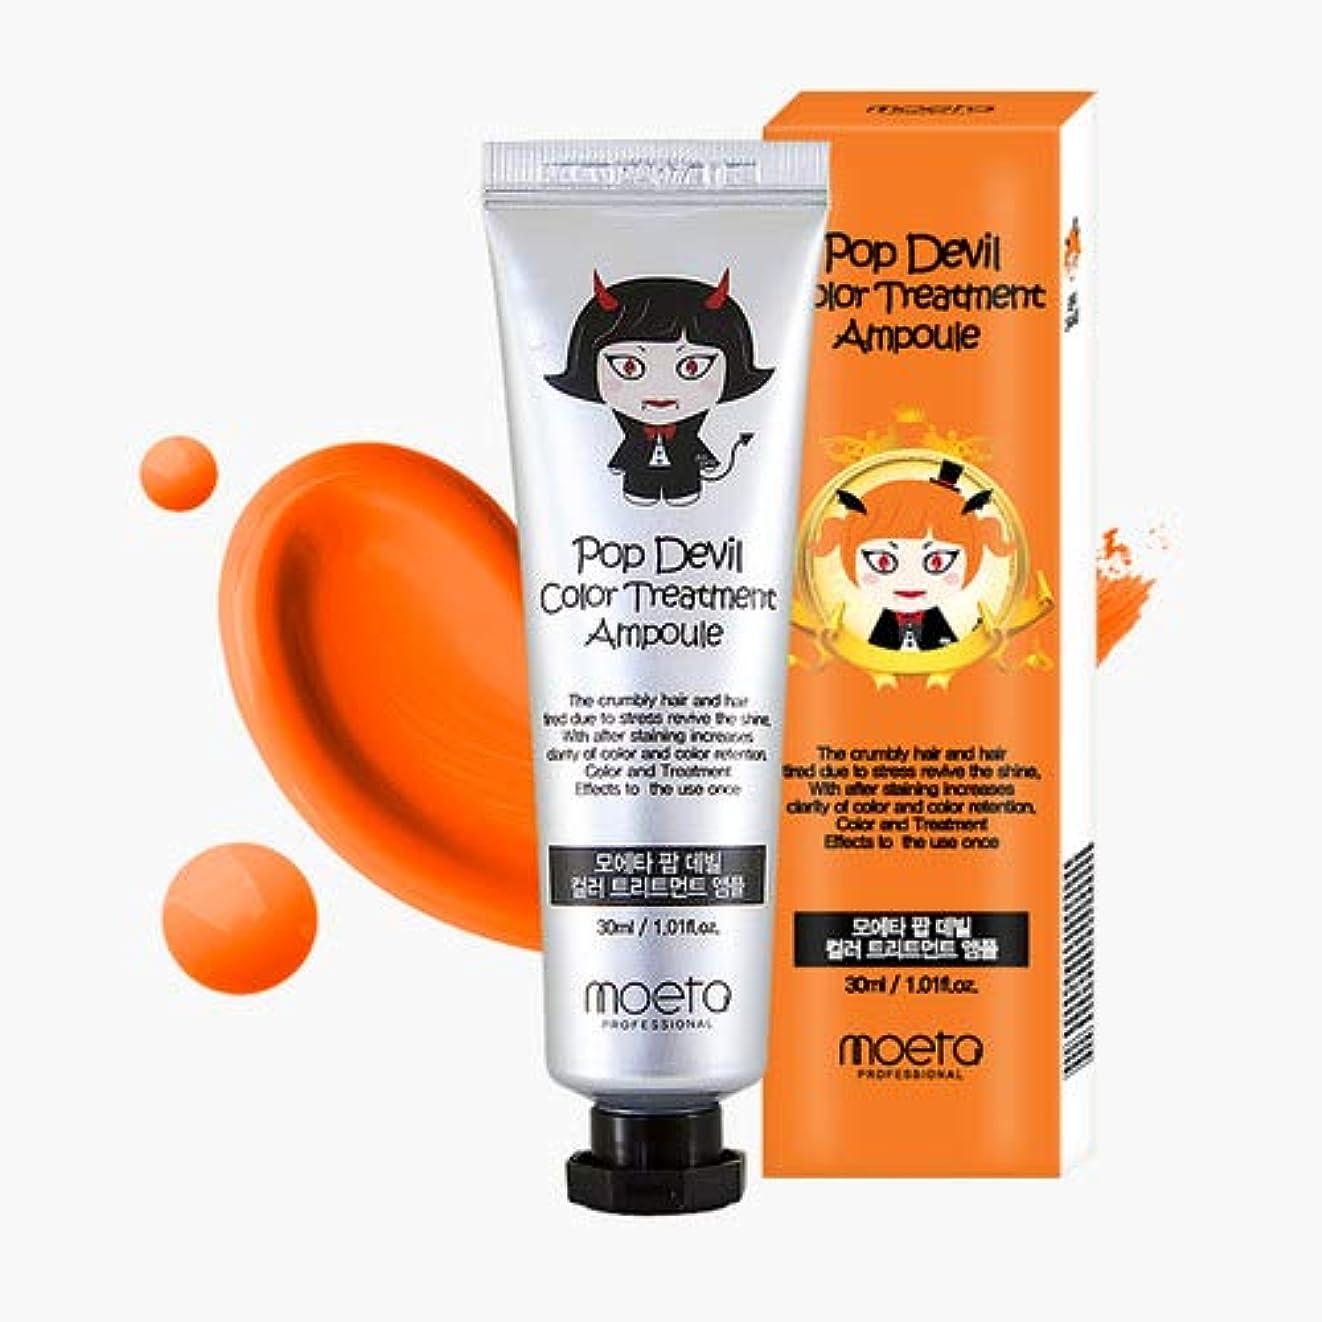 書く季節残りMoeta  ポップ デビル カラートリートメント アンプル / Pop Devil Color Treatment Ampoule (30ml) (オレンジ) [並行輸入品]